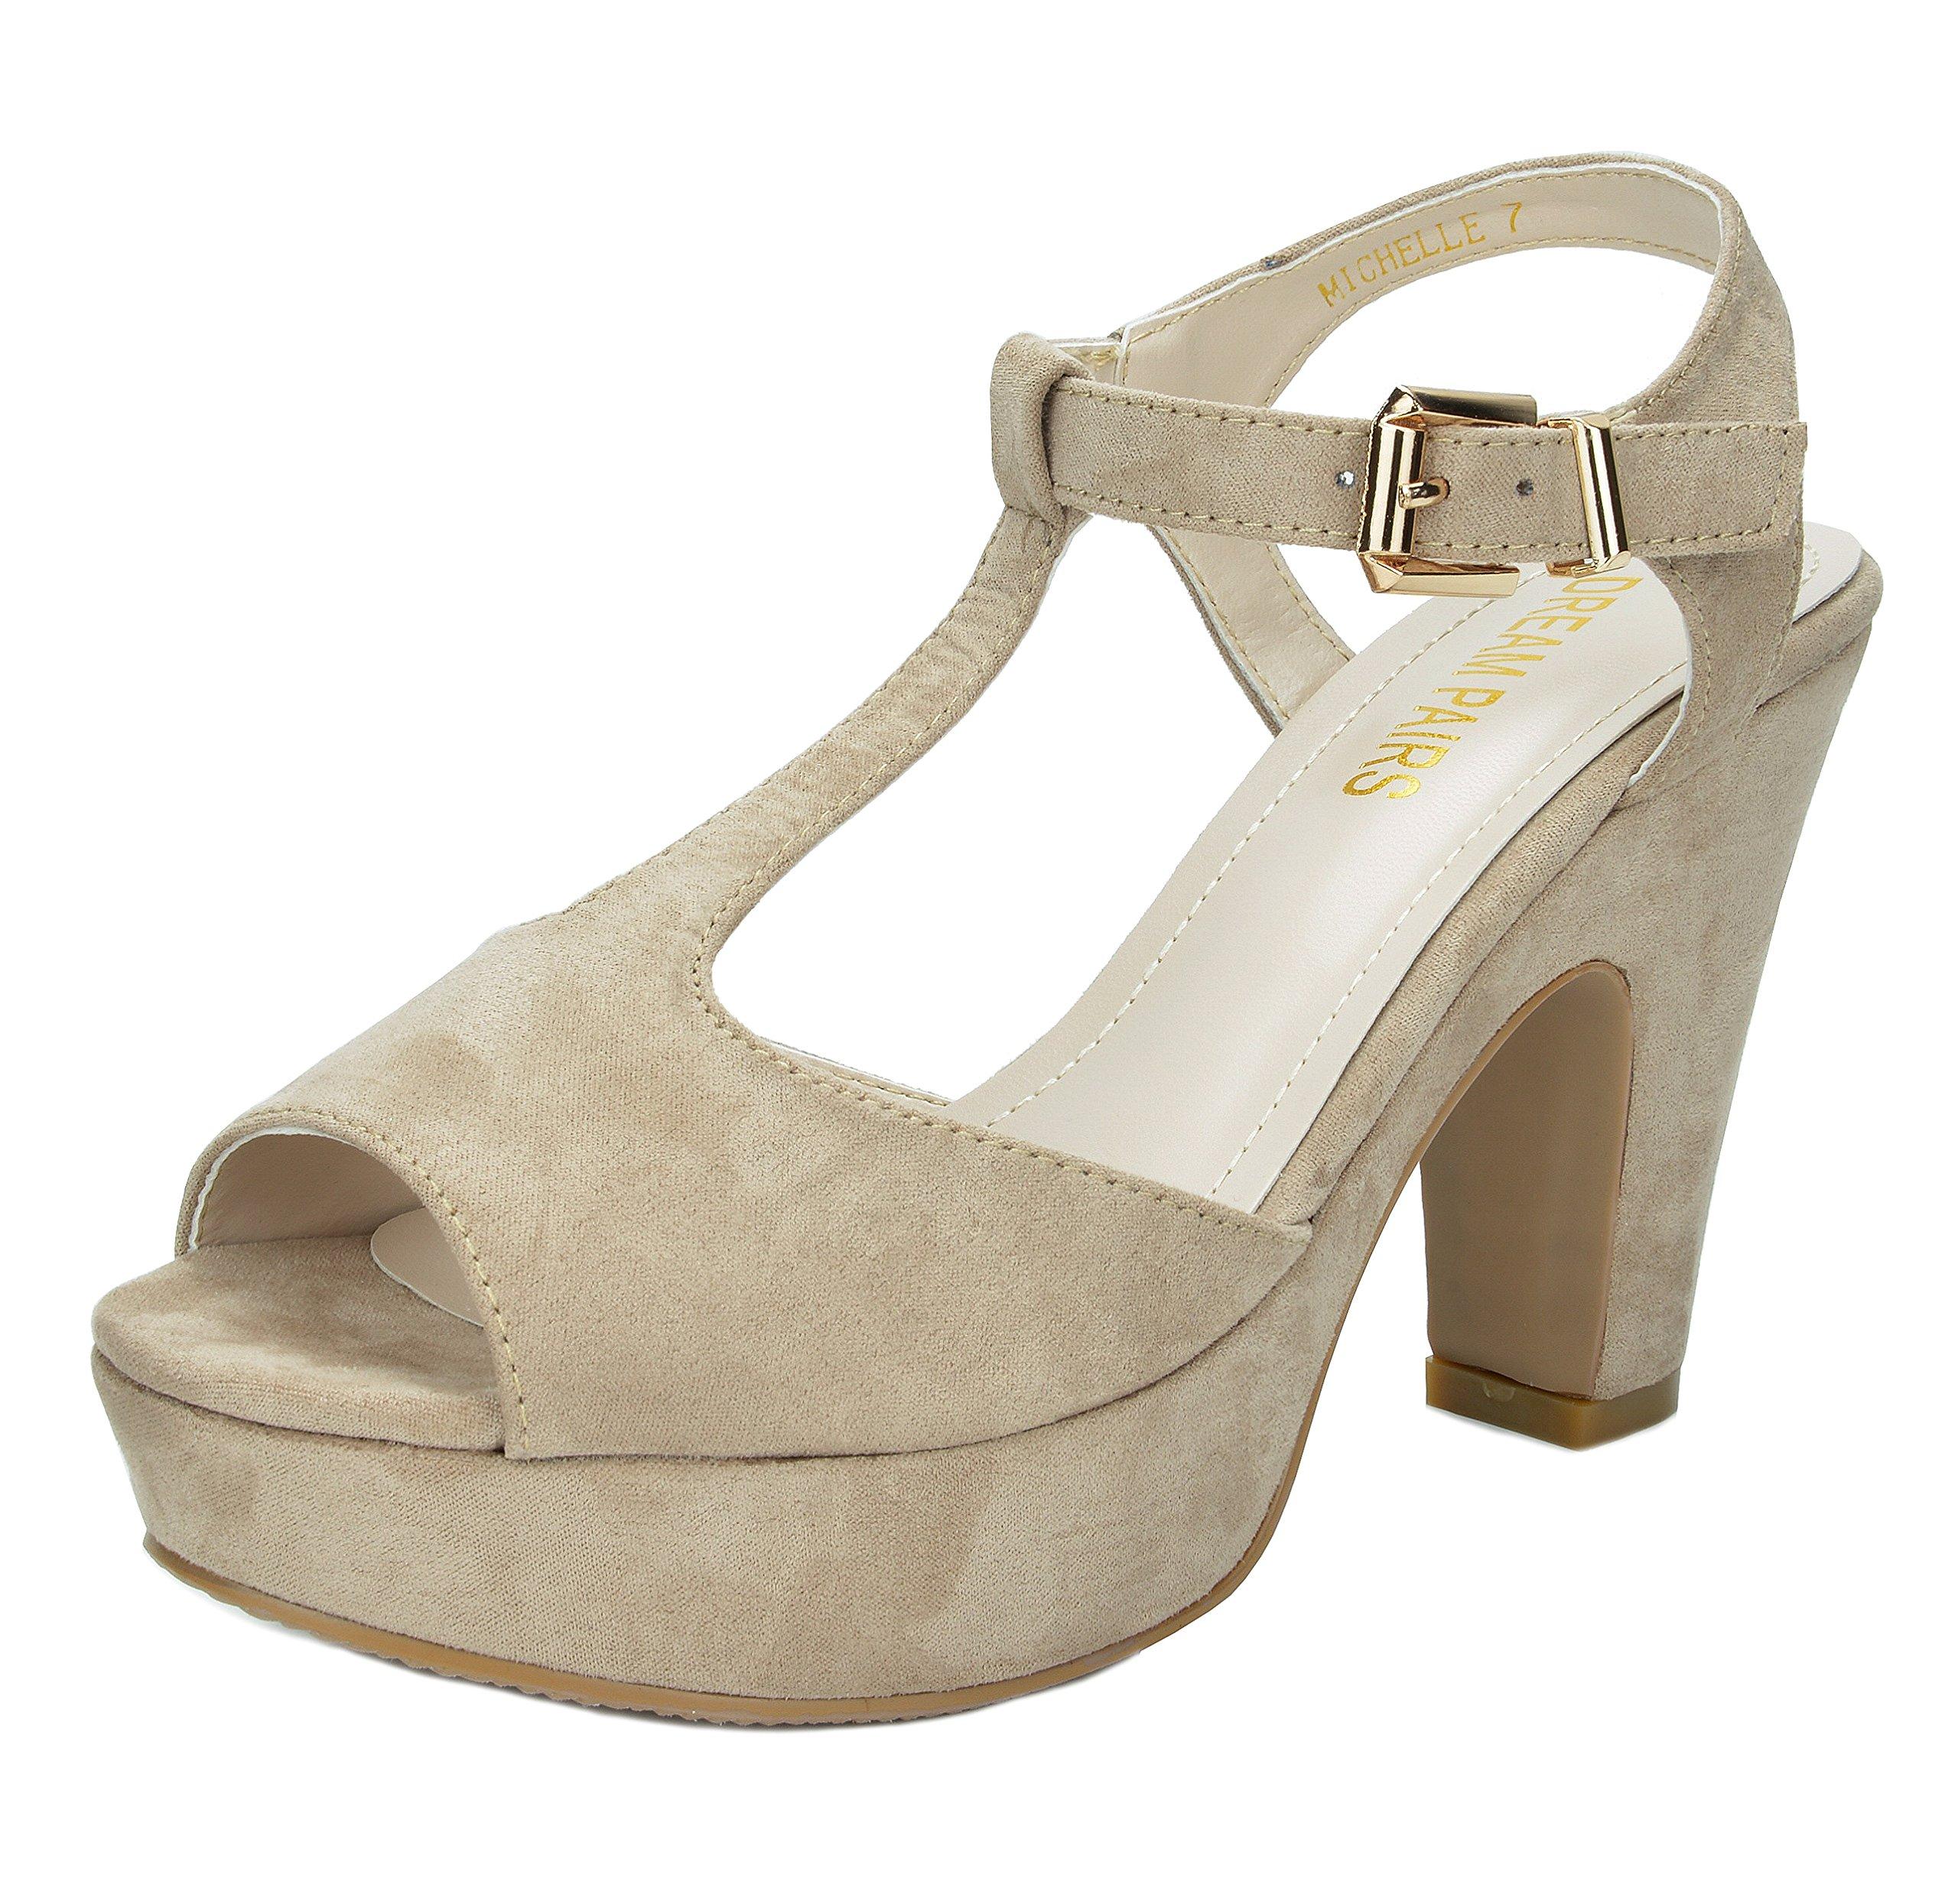 DREAM PAIRS Women's Michelle Beige Mid Heel Platform Pump Sandals - 8 M US